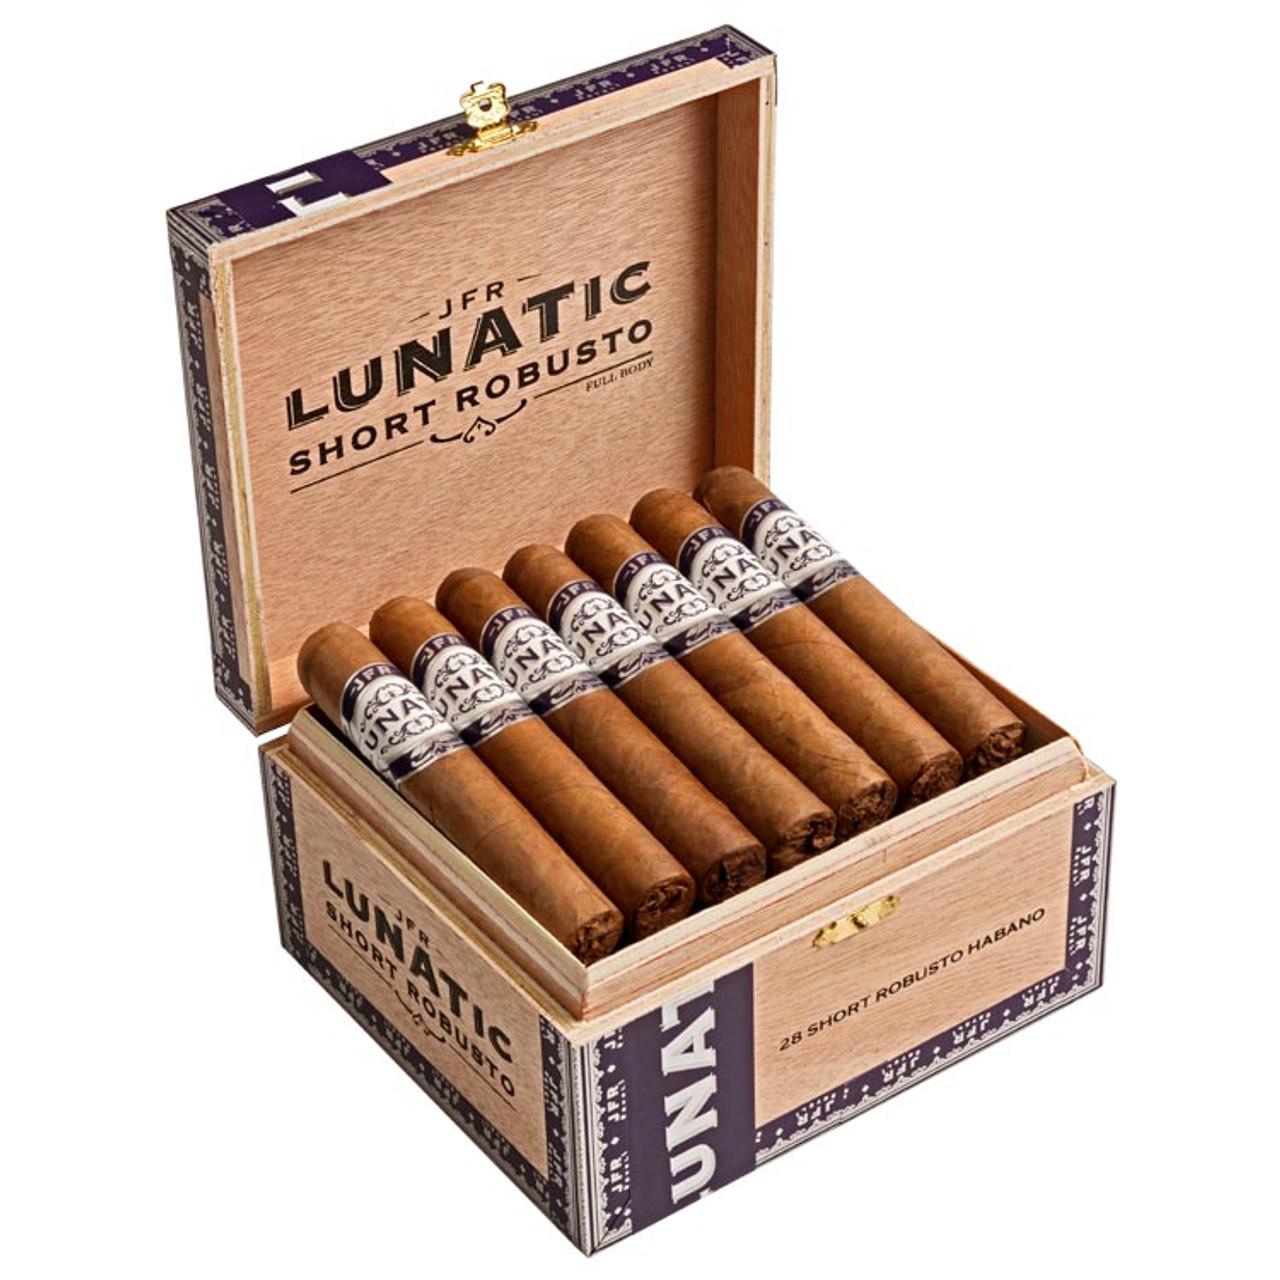 Casa Fernandez Lunatic Short Robusto Habano Cigars - 4.25 x 52 (Box of 28)